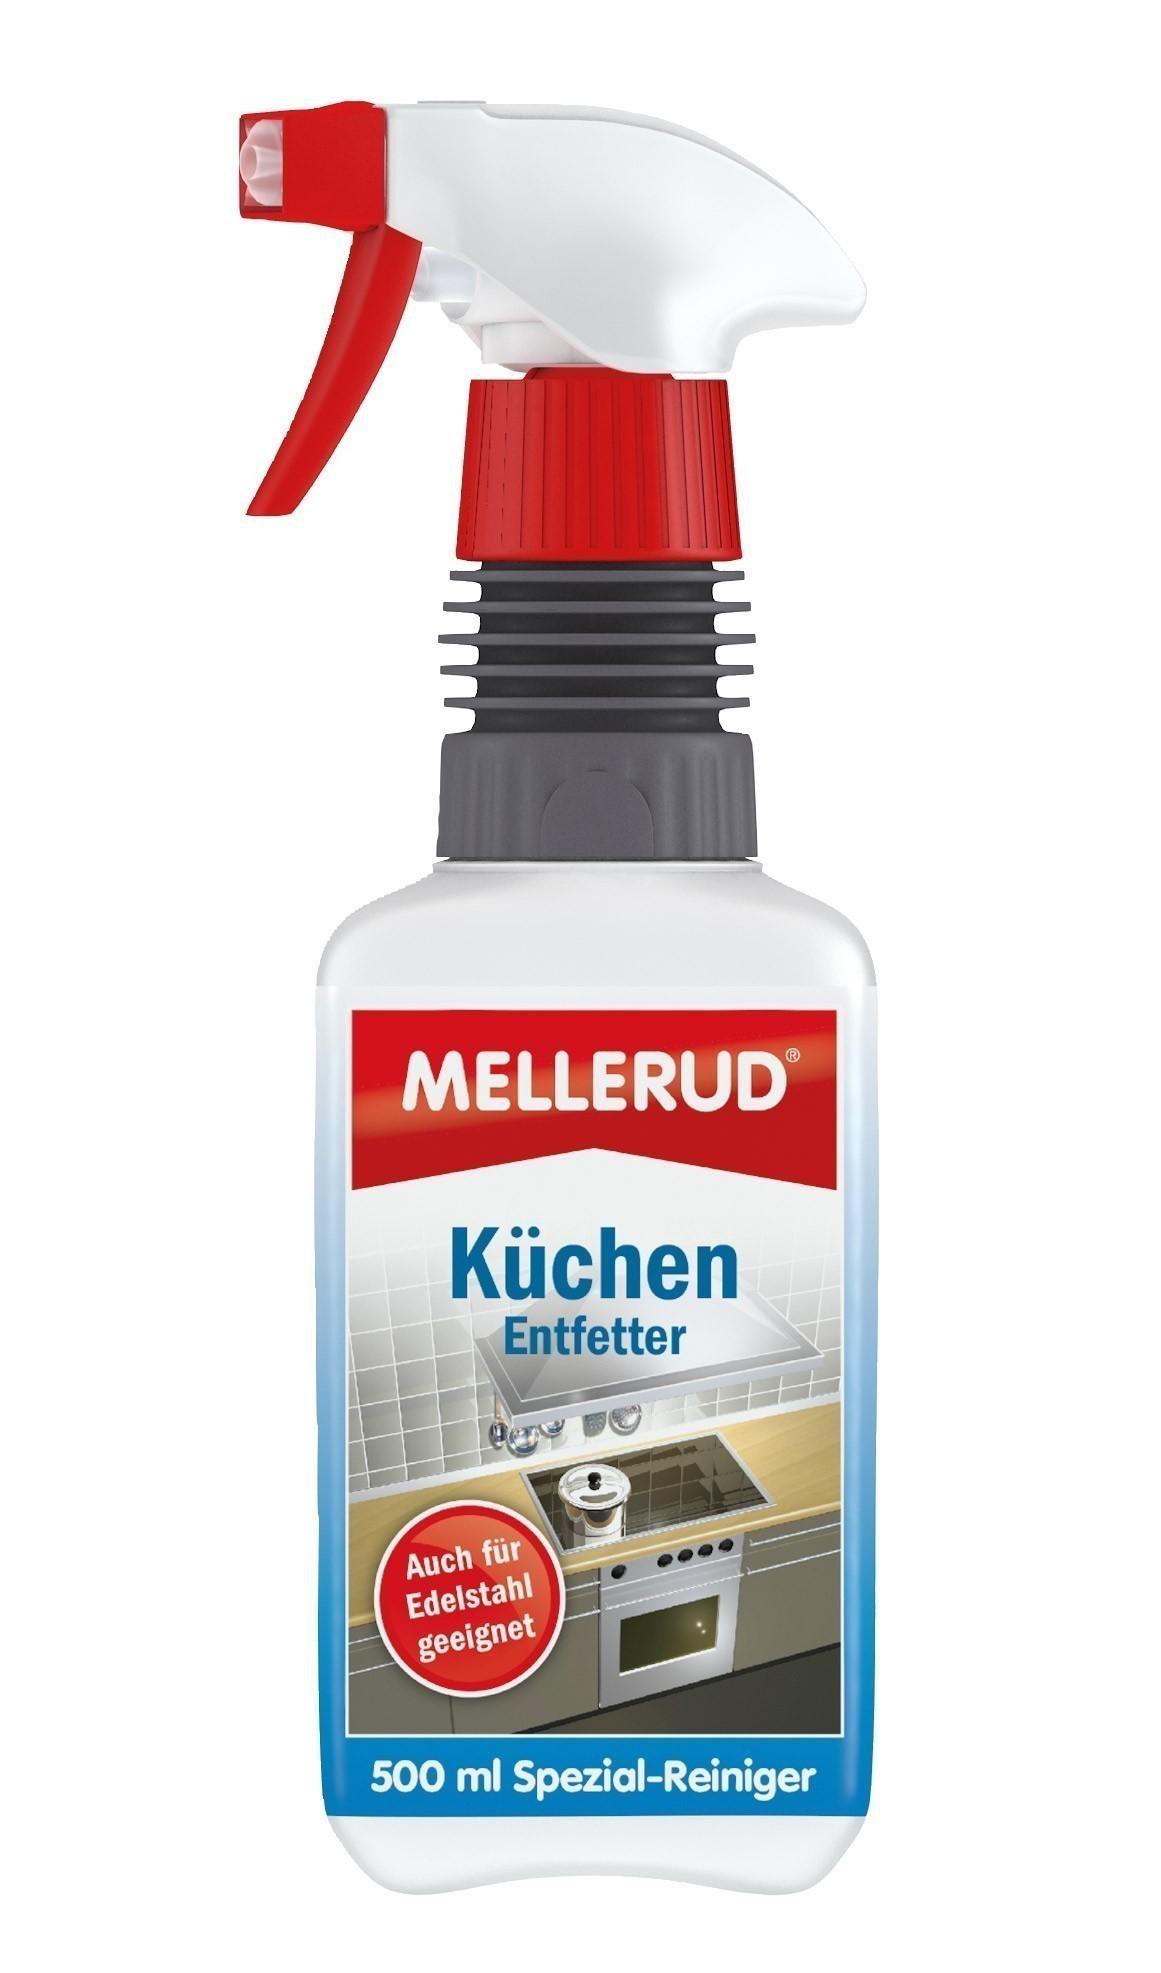 MELLERUD Küchen Entfetter 0,5 Liter Bild 1